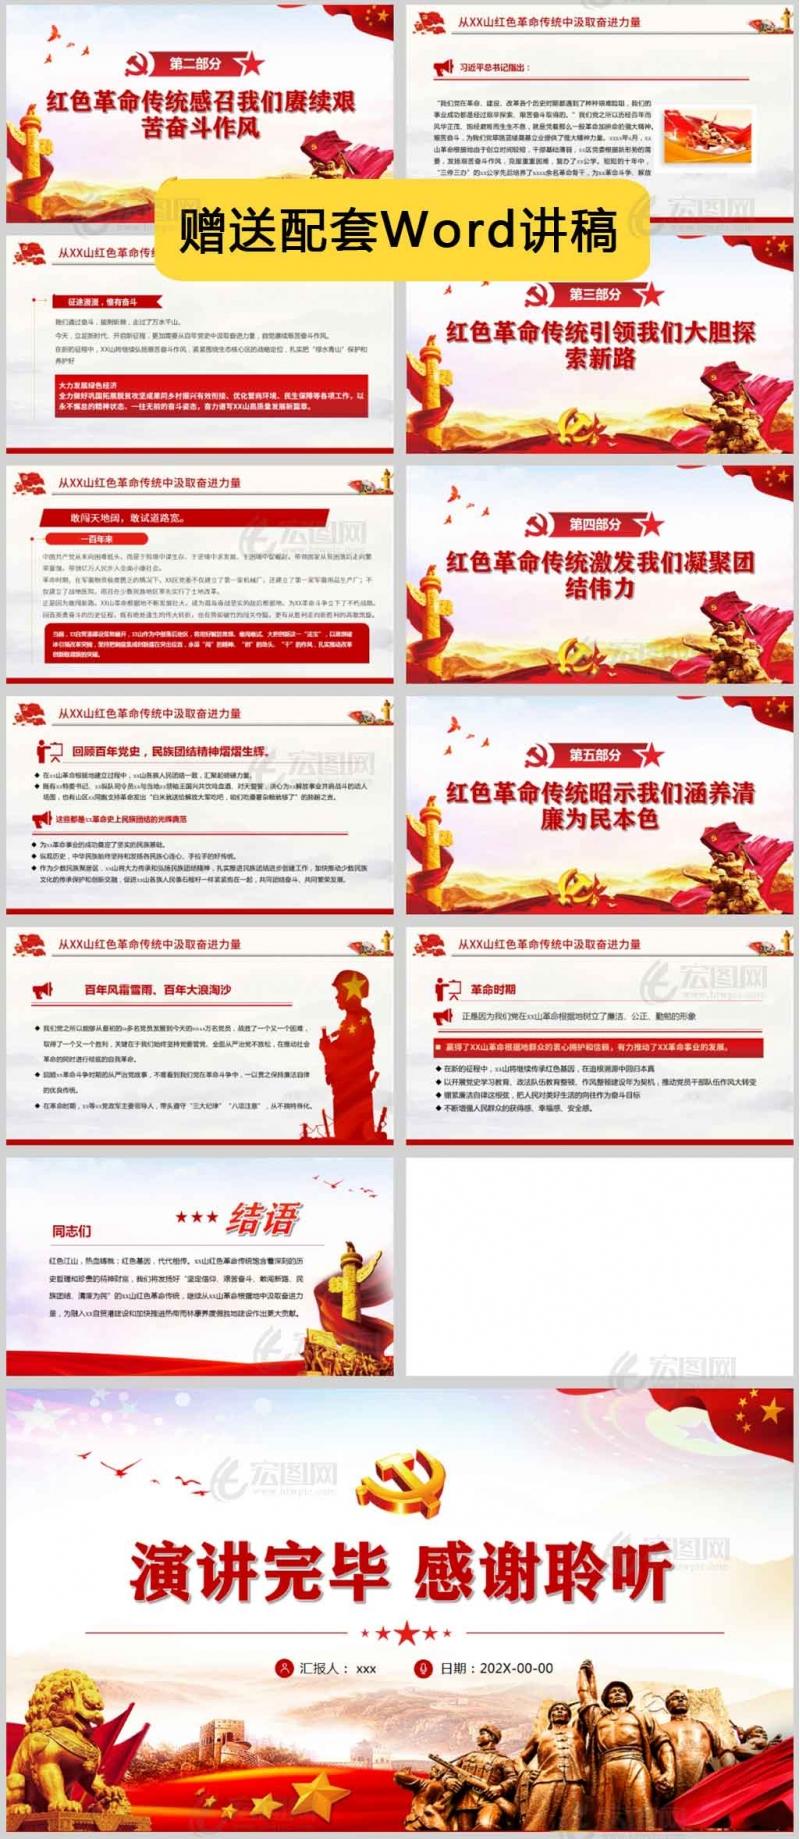 七一讲话精神专题党课讲稿 从XX山红色革命传统中汲取奋进力量党课PPT